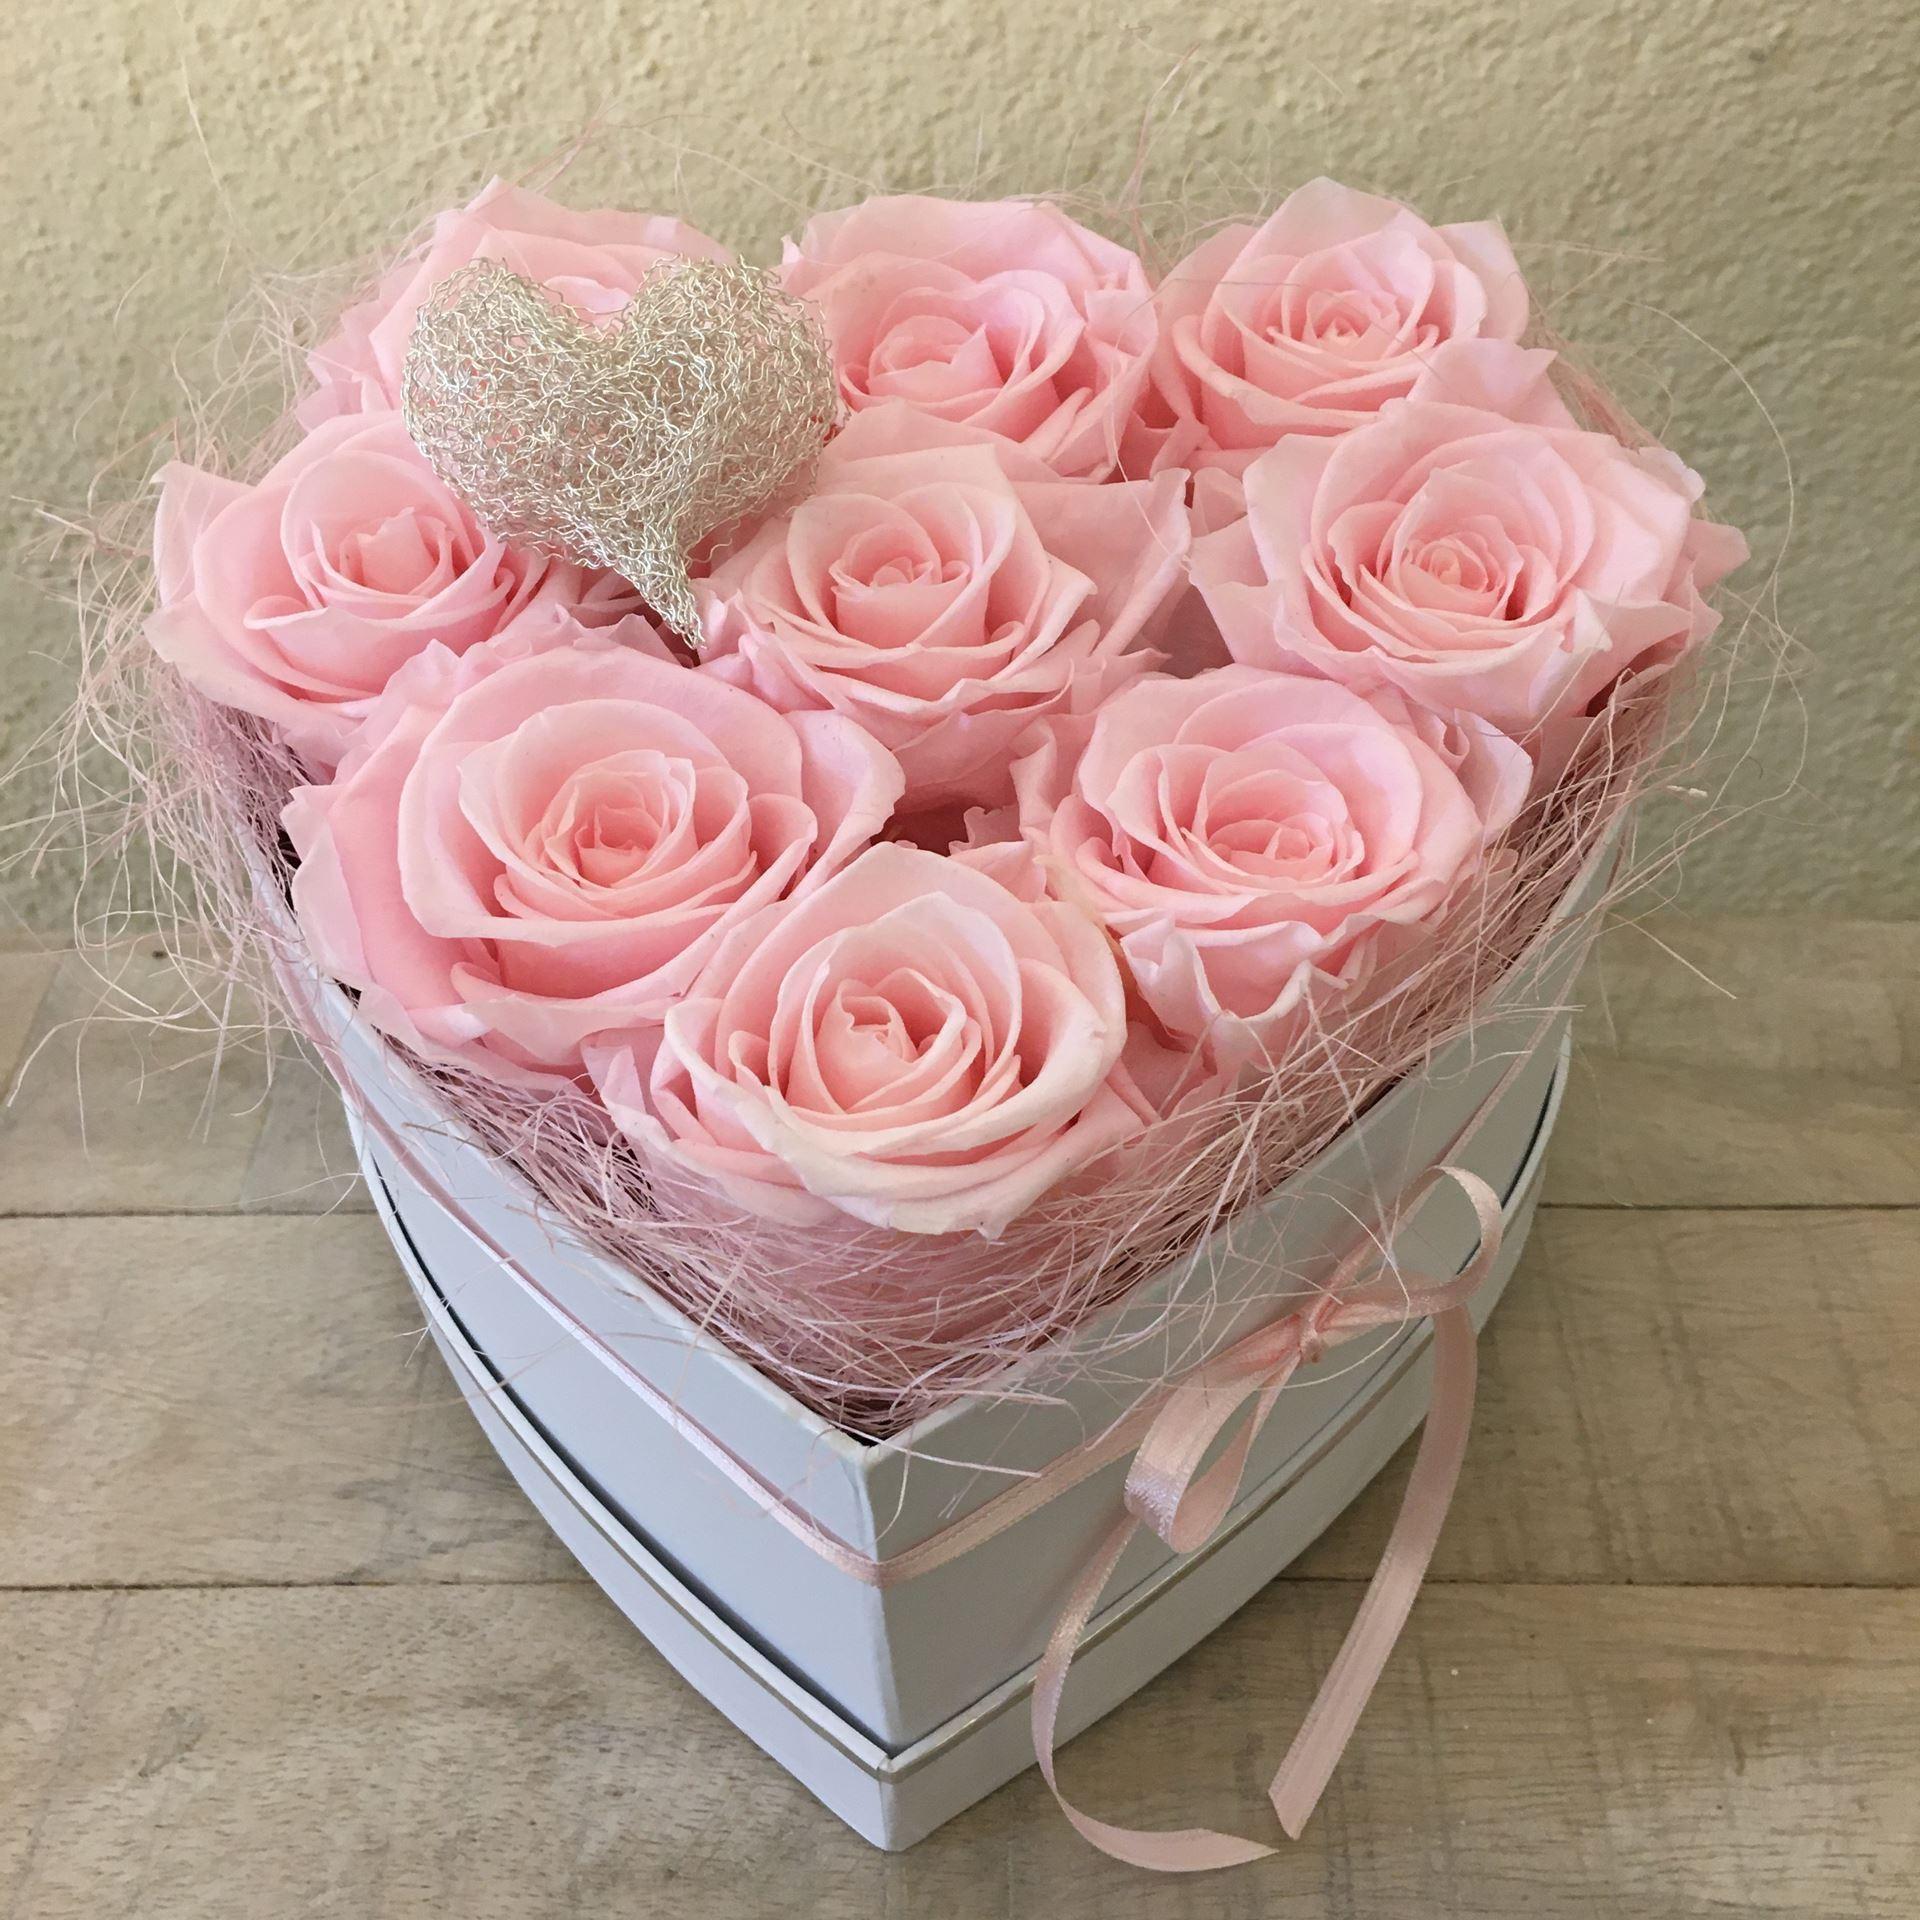 fleurophome ein rosenboxherz mit 9 echten